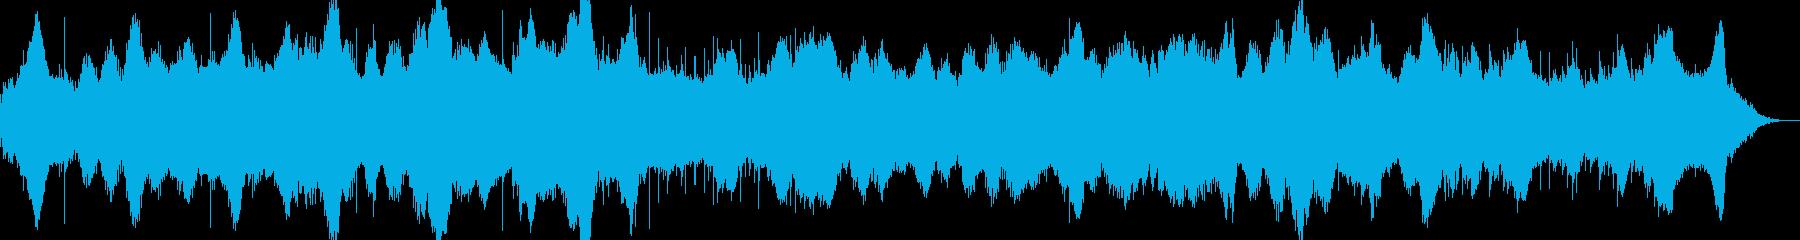 片隅に残る違和感、不調和ホラーサスペンスの再生済みの波形